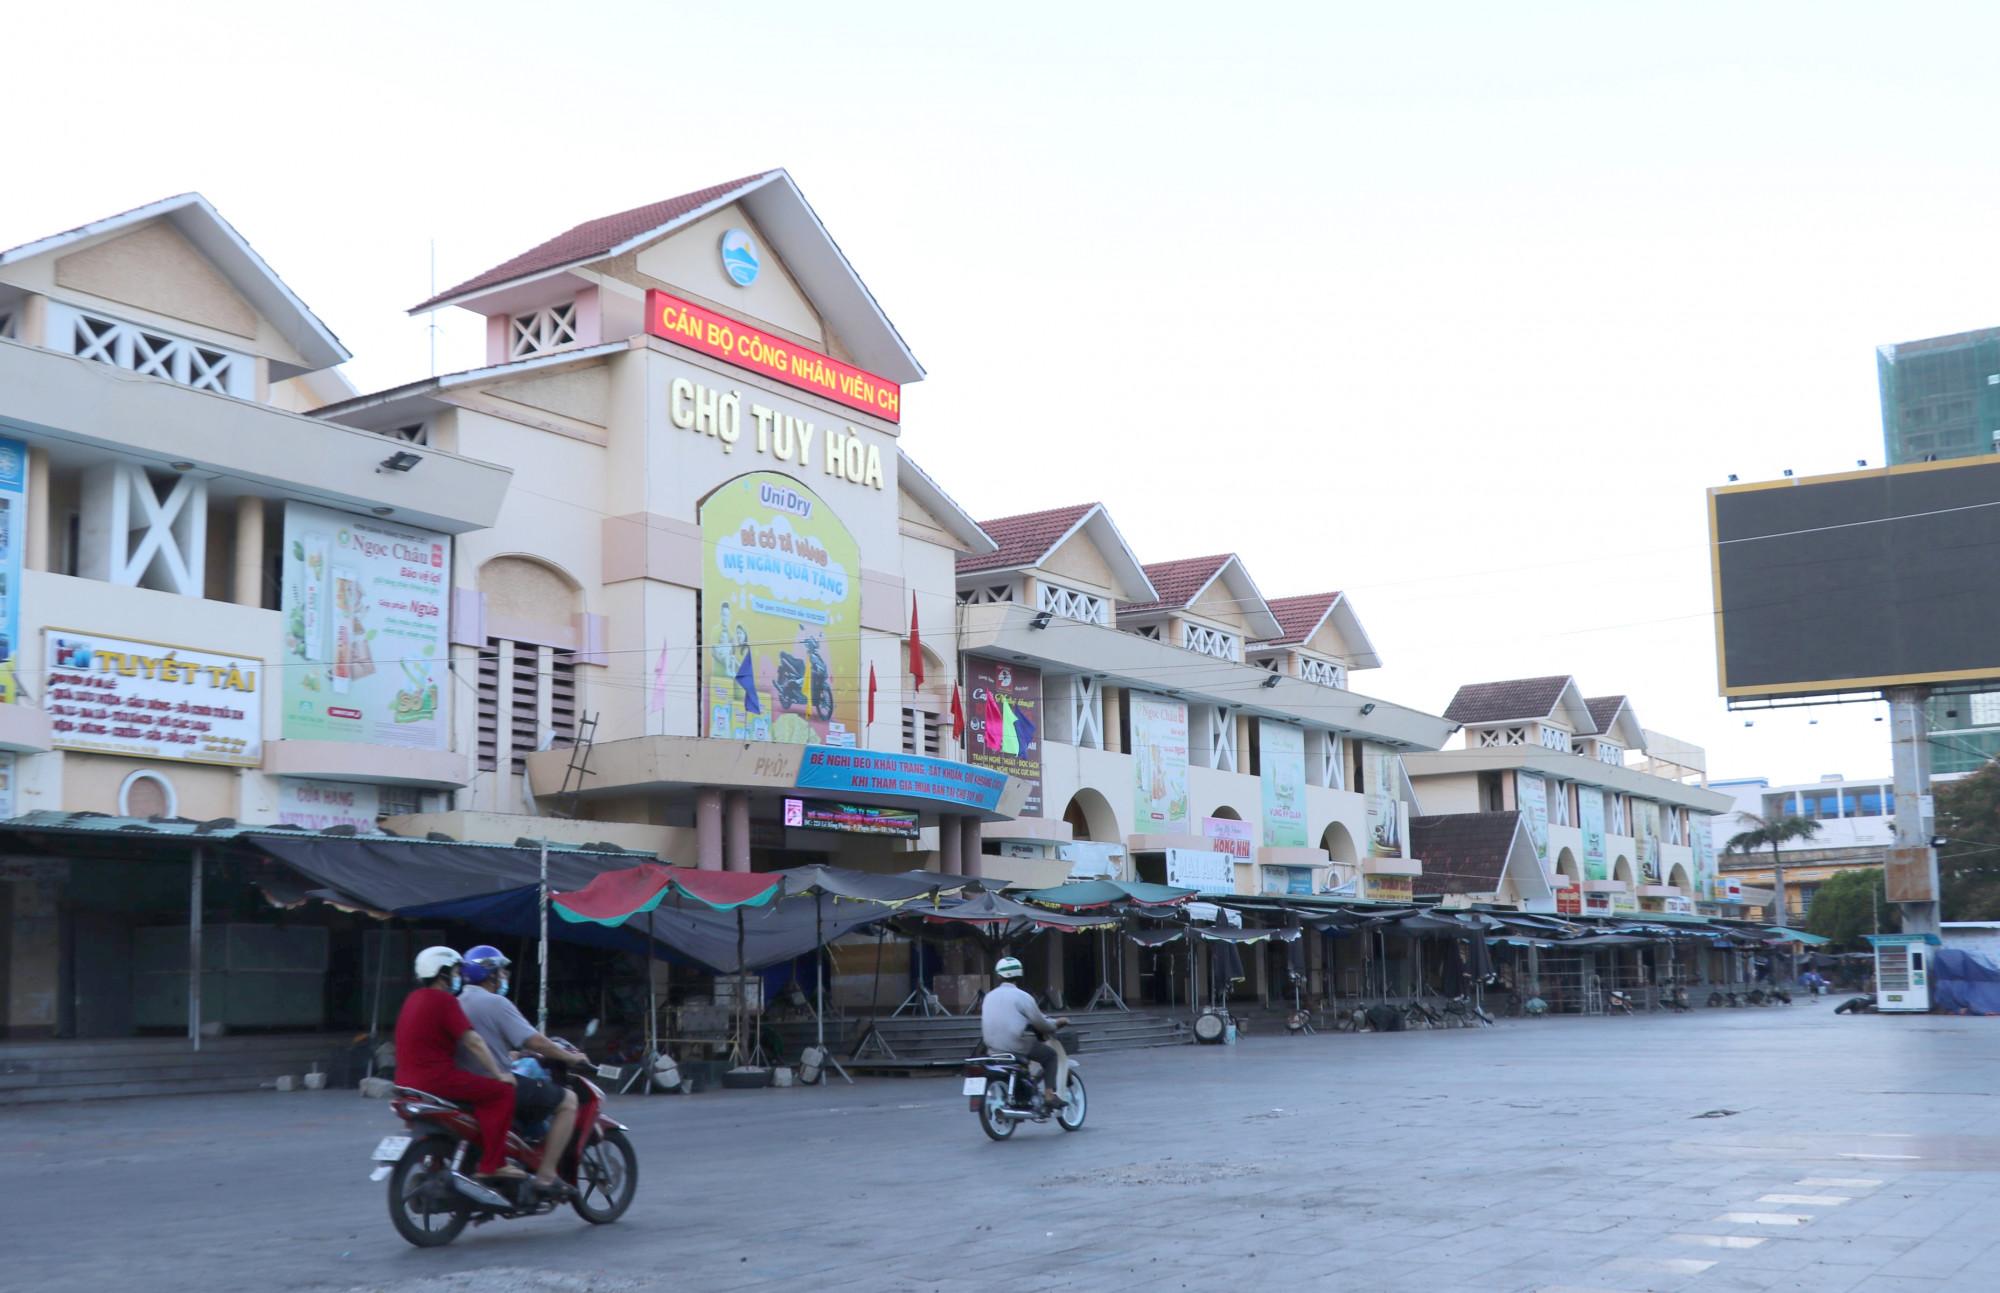 Chợ Tuy Hòa lớn nhất tỉnh Phú Yên tạm dừng hoạt động vì dịch